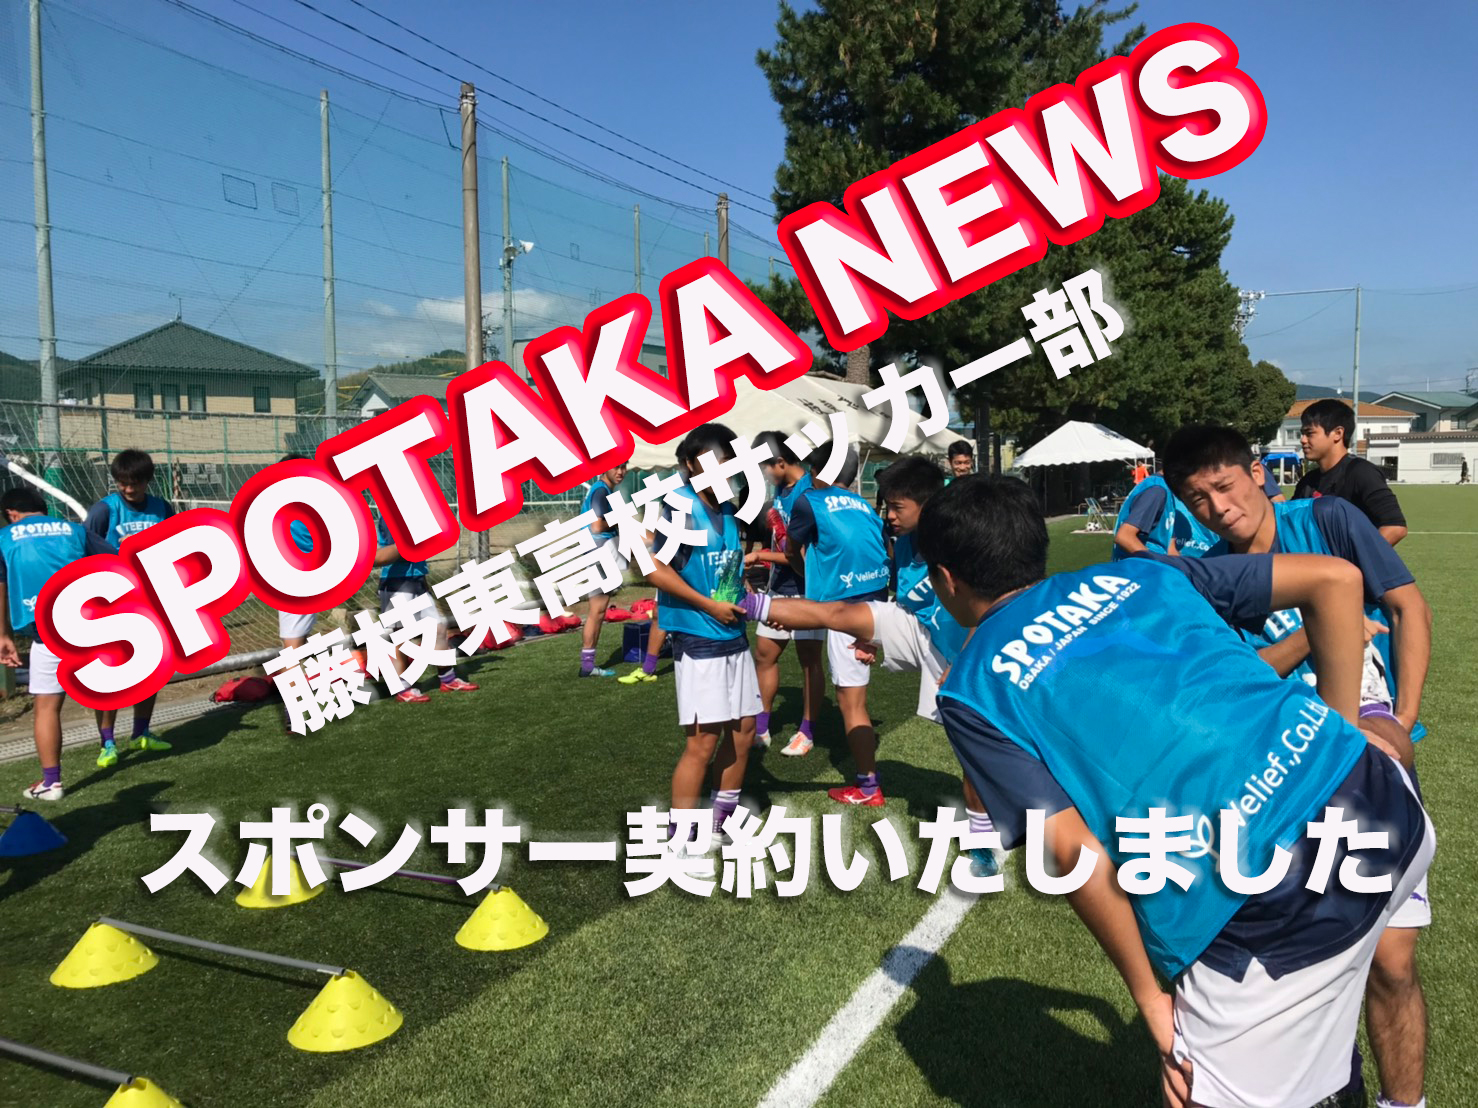 「スポタカニュース」藤枝東高校サッカー部サポートさせていただきます。